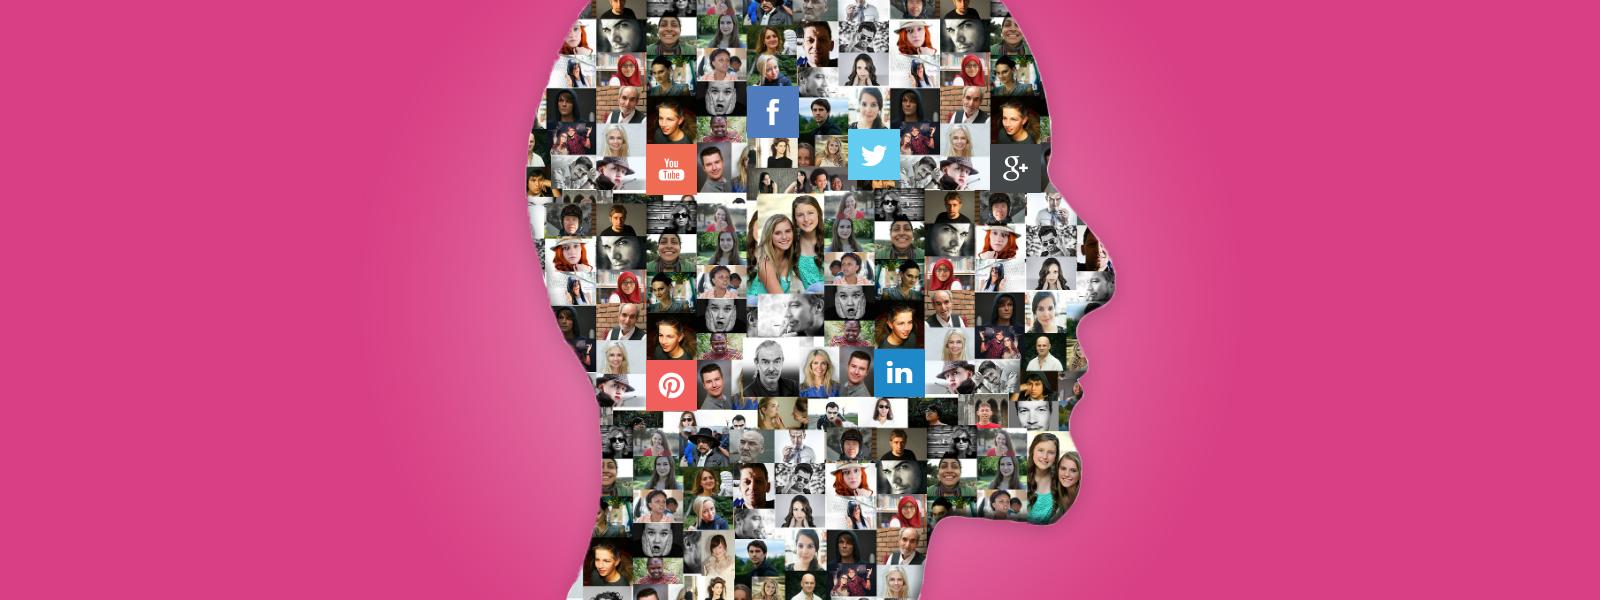 Social media marketing bristol